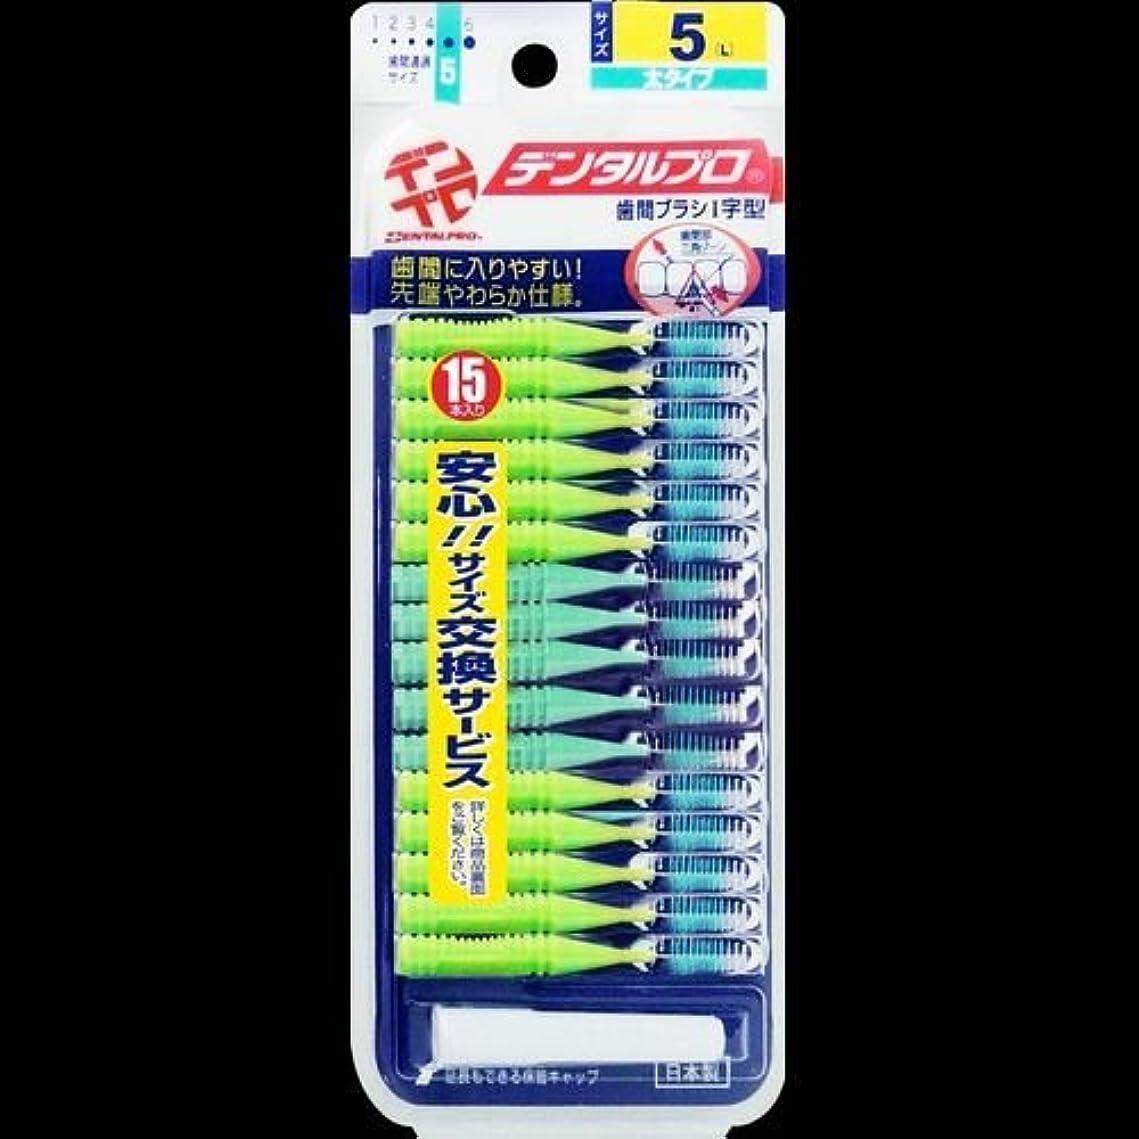 め言葉それにもかかわらずリスデンタルプロ 歯間ブラシ サイズ5L 15本入り ×2セット